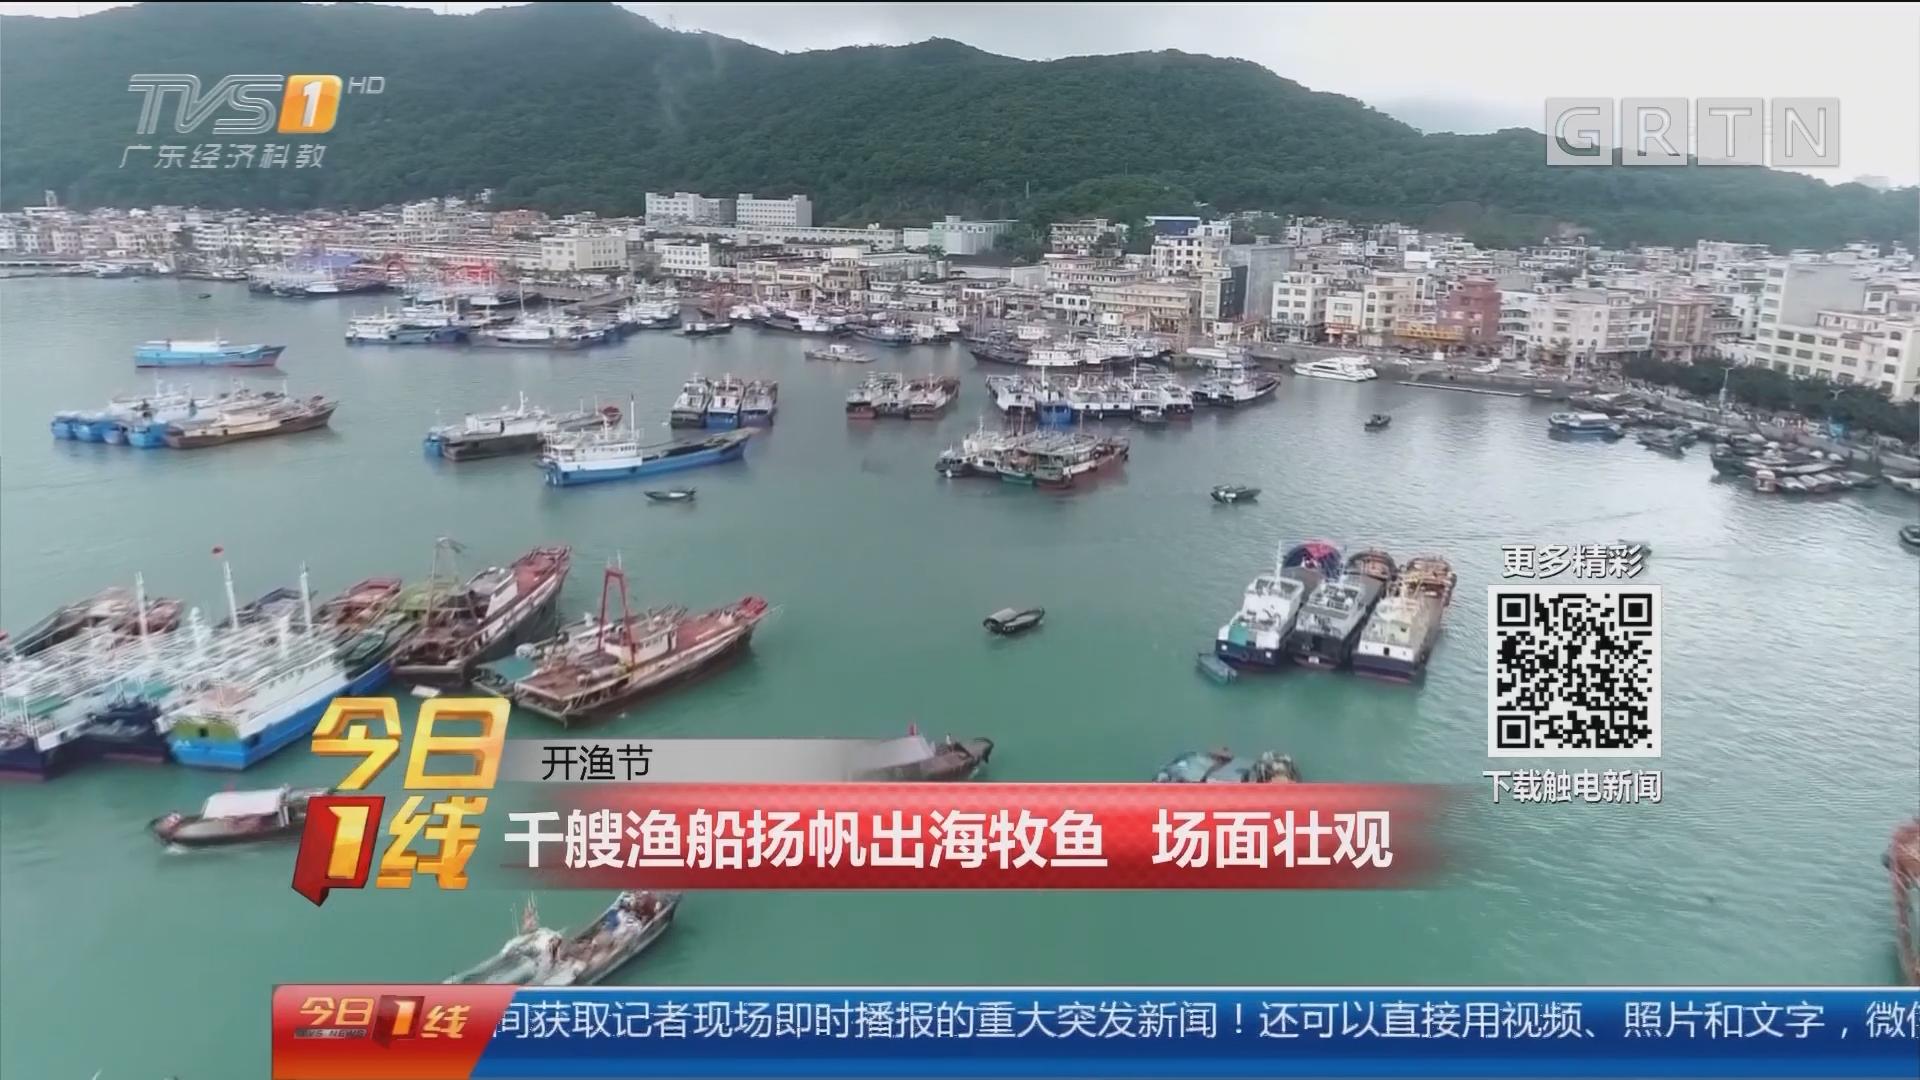 开渔节:千艘渔船扬帆出海牧渔 场面壮观